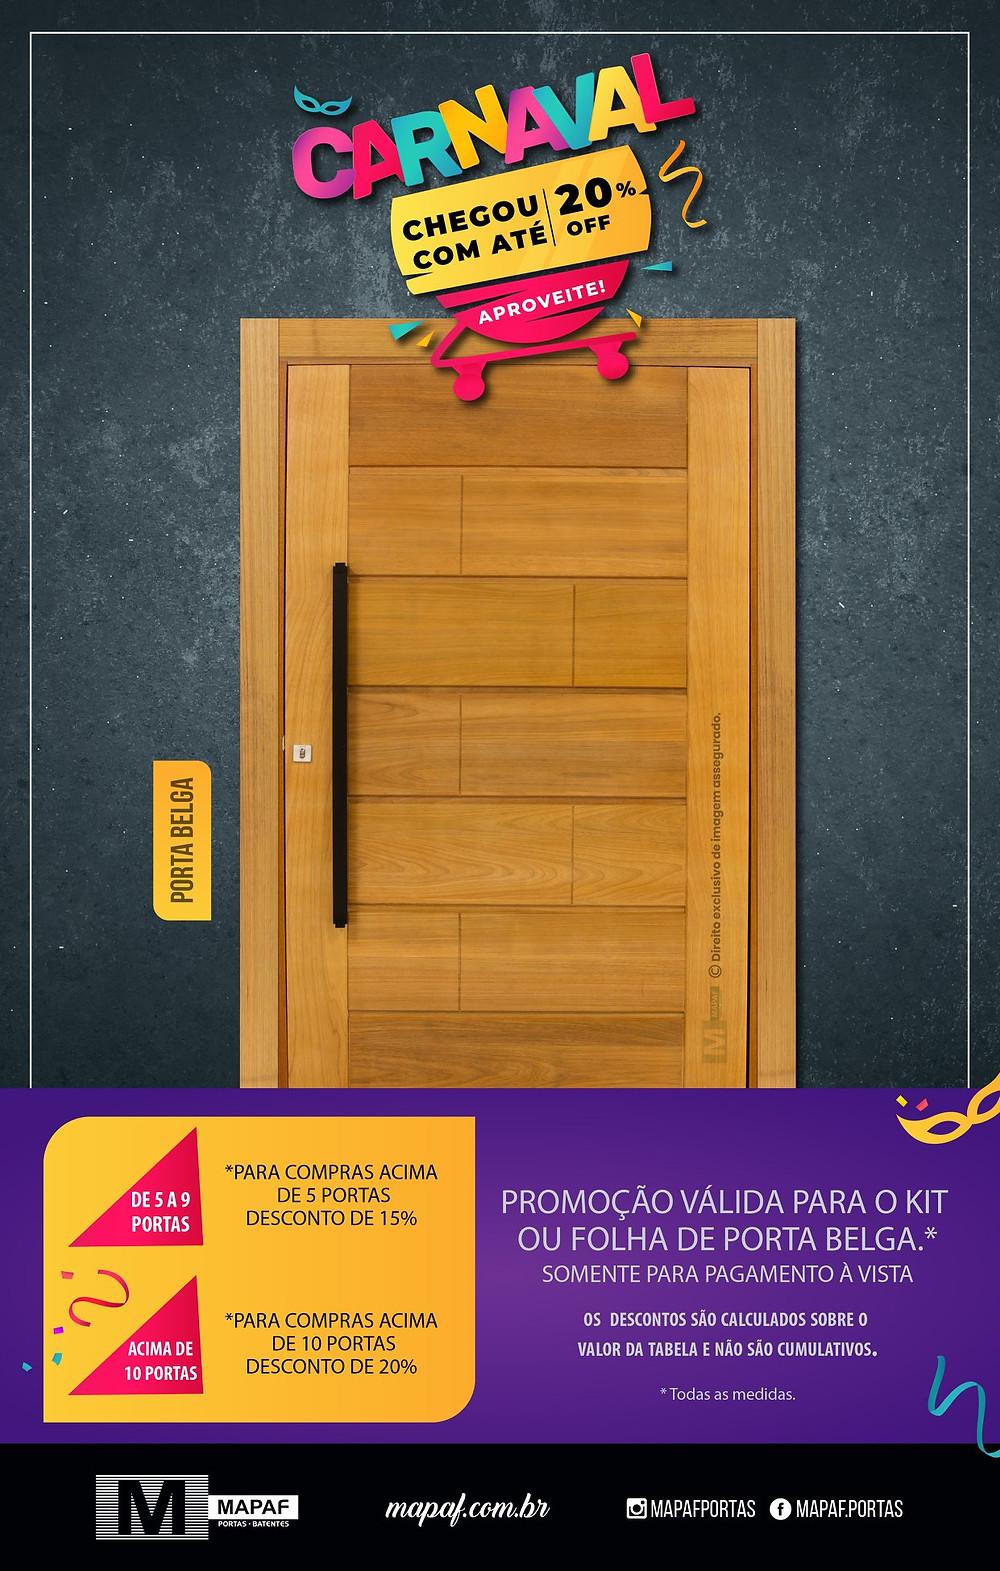 Promoção de Carnaval MAPAF!